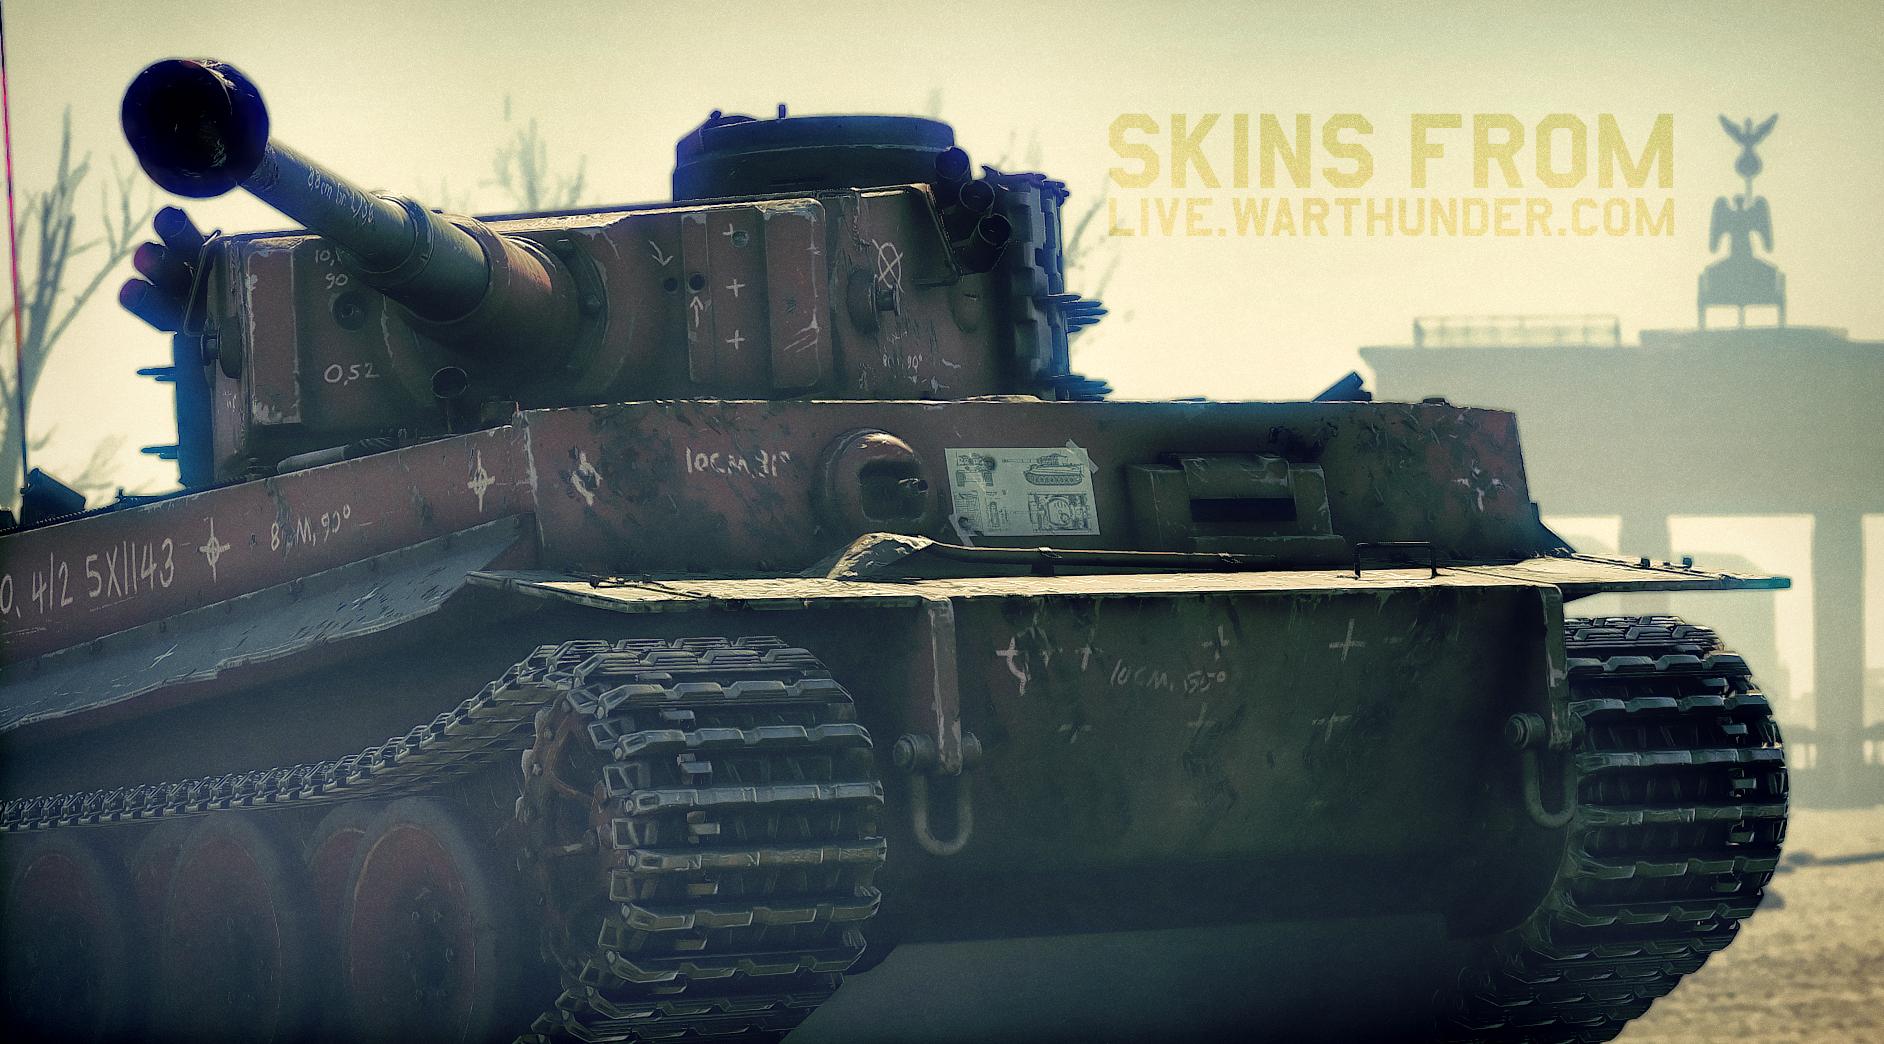 Die Welt der Panzer ist 6 Matchmaking